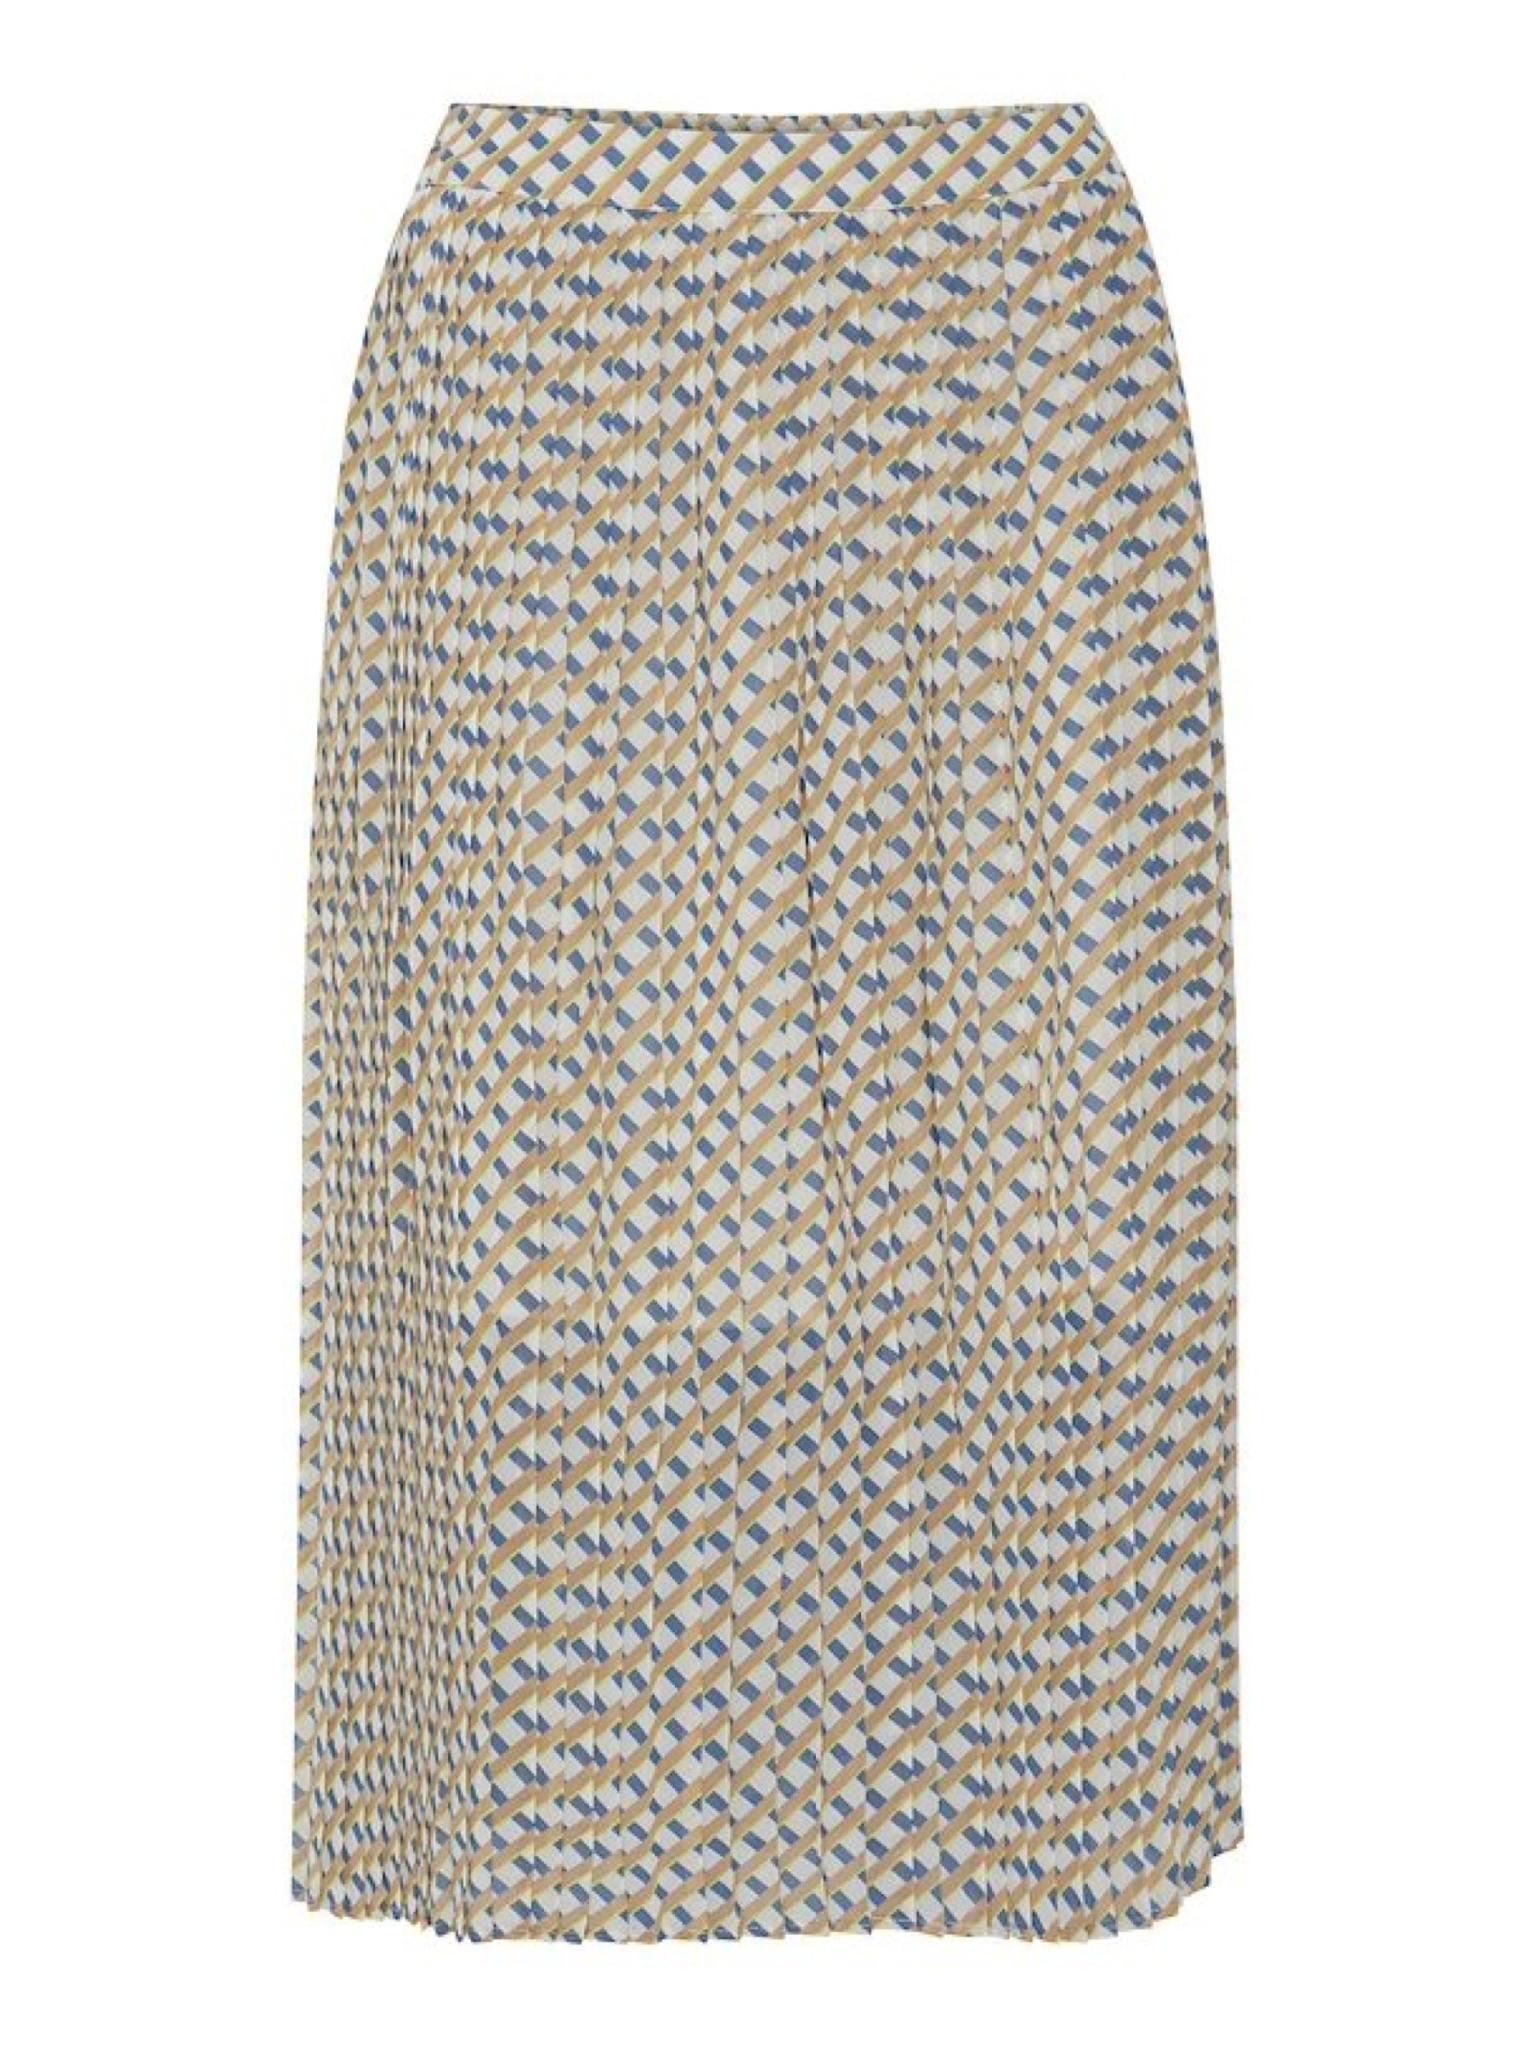 ICHI Zecky Skirt